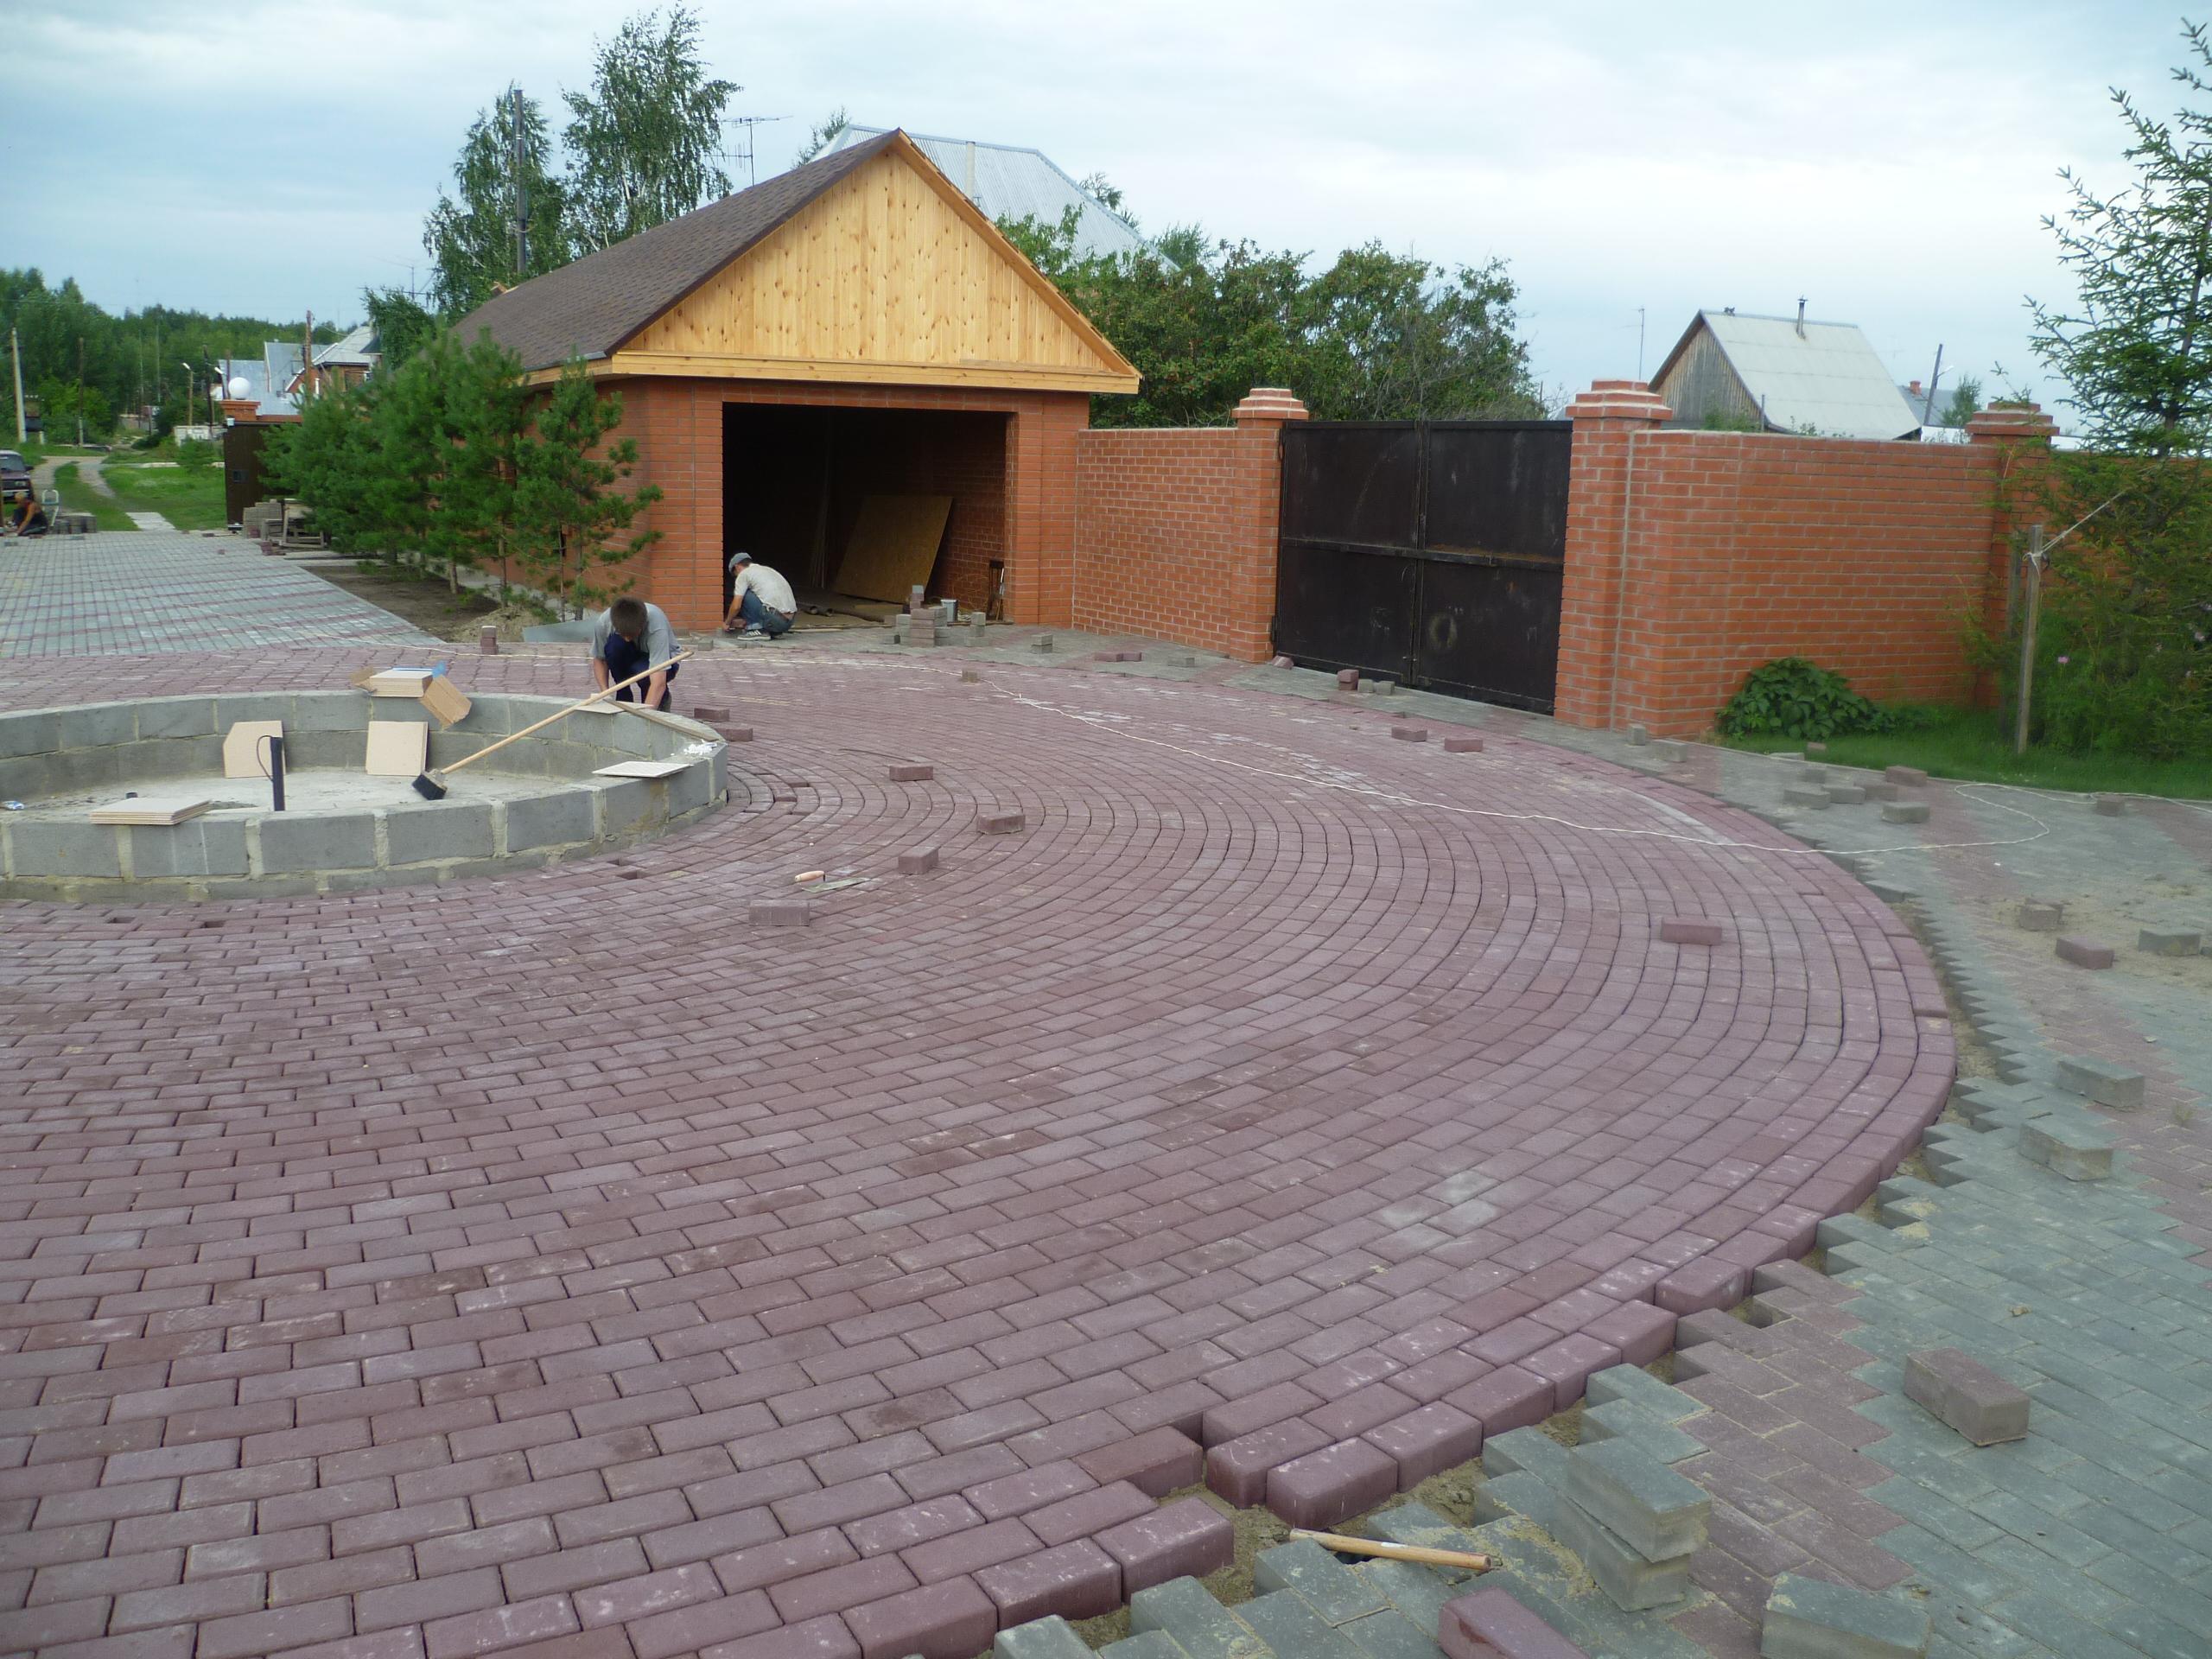 http://plitka-omsk55.ru/images/upload/P1020572.JPG